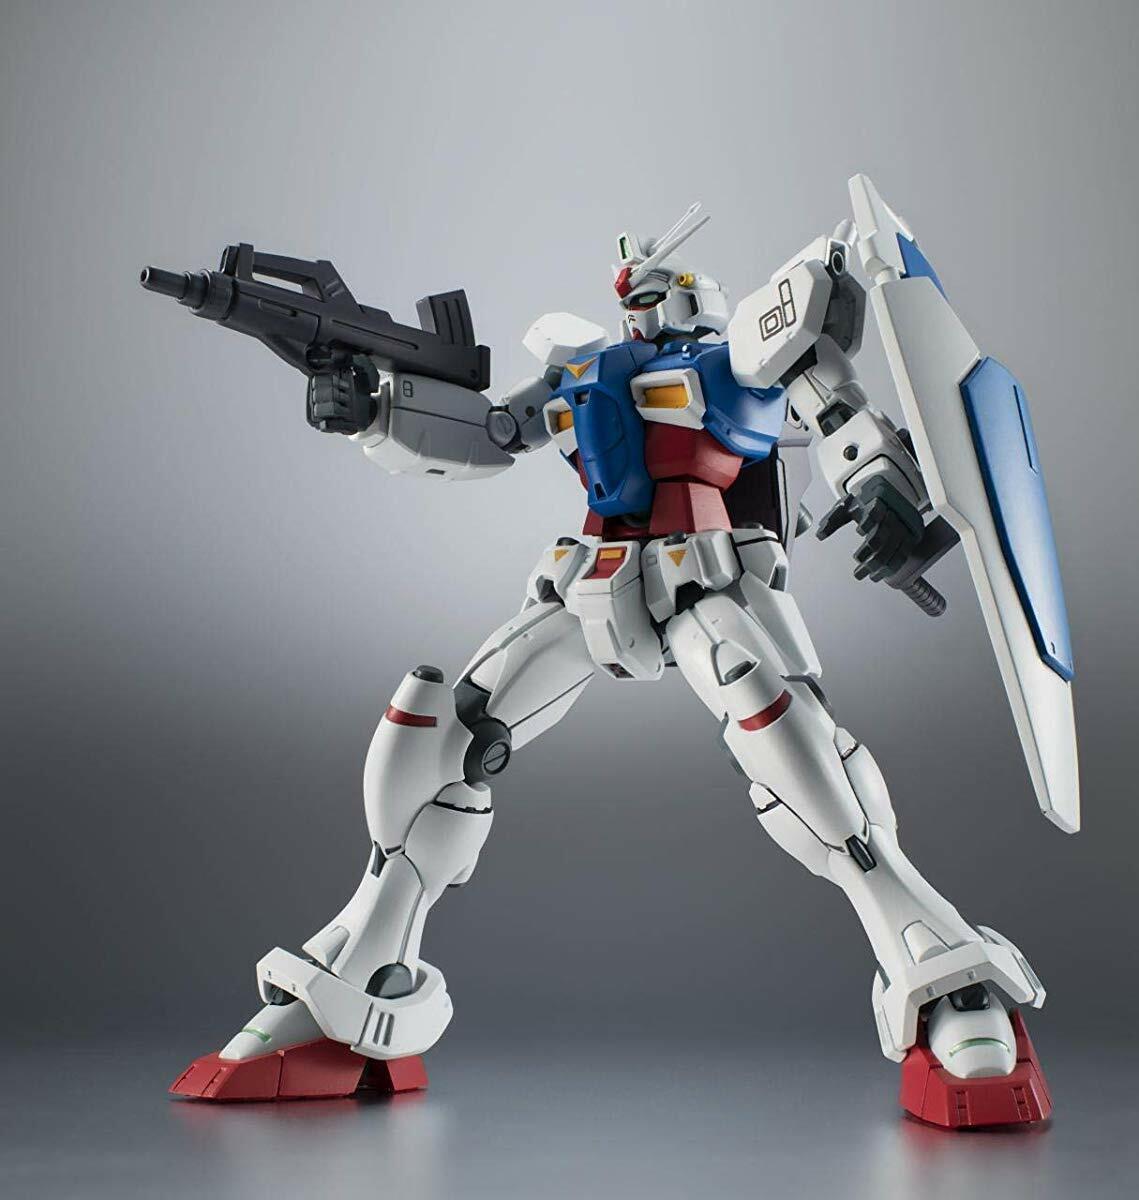 Web oficial Robot Spirit RX-78GP01 Gundam projootipo 01 01 01 Ver. a.n.i.m.e. Japón  aquí tiene la última